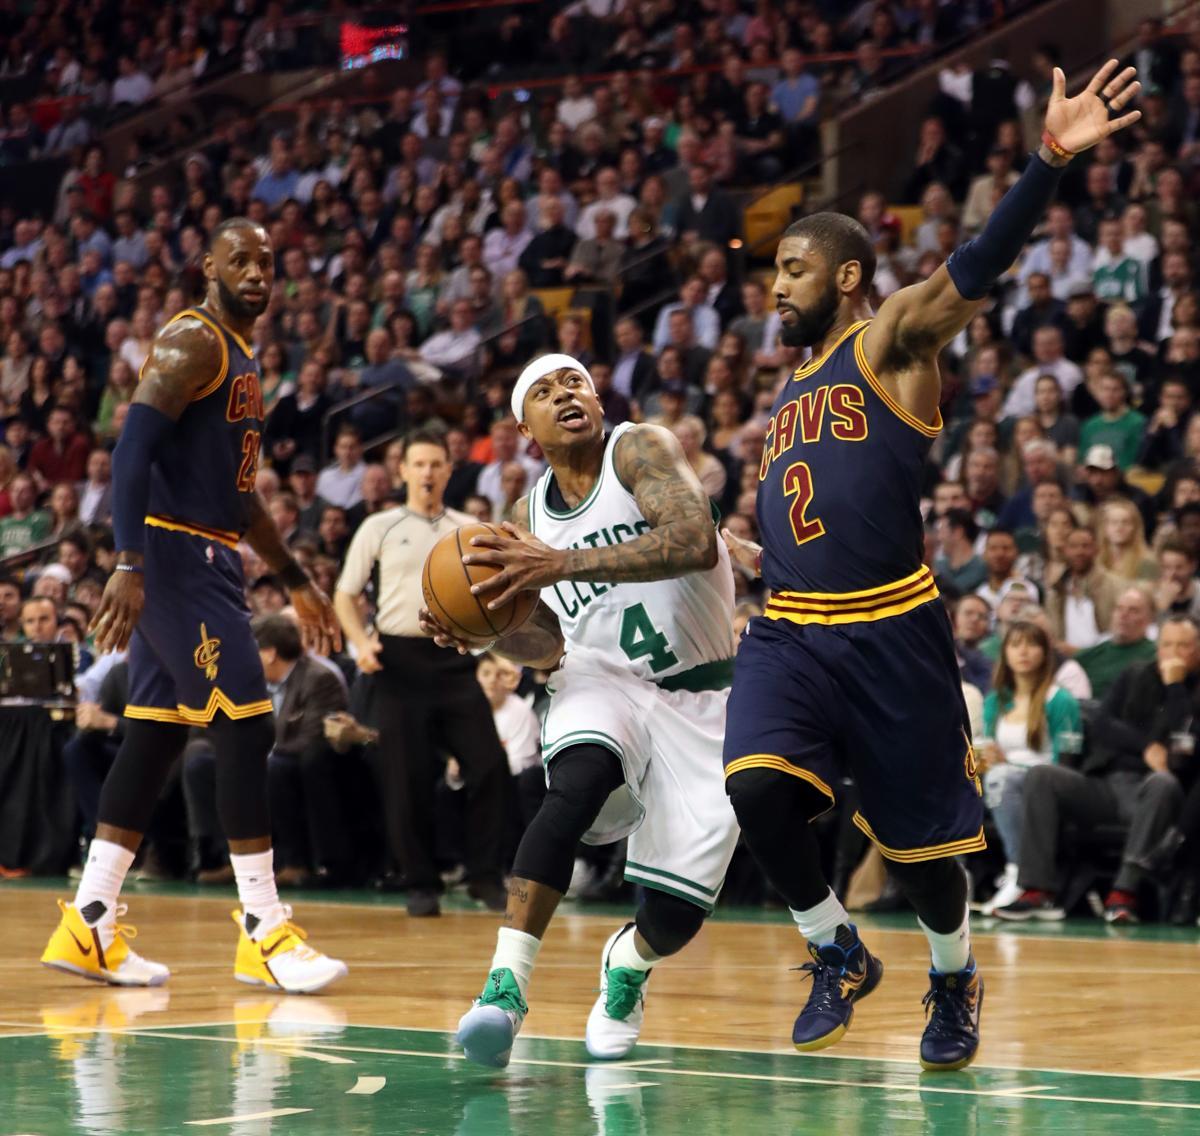 Boston Ma  Boston Celtics Isaiah Thomas Drives To The Basket On